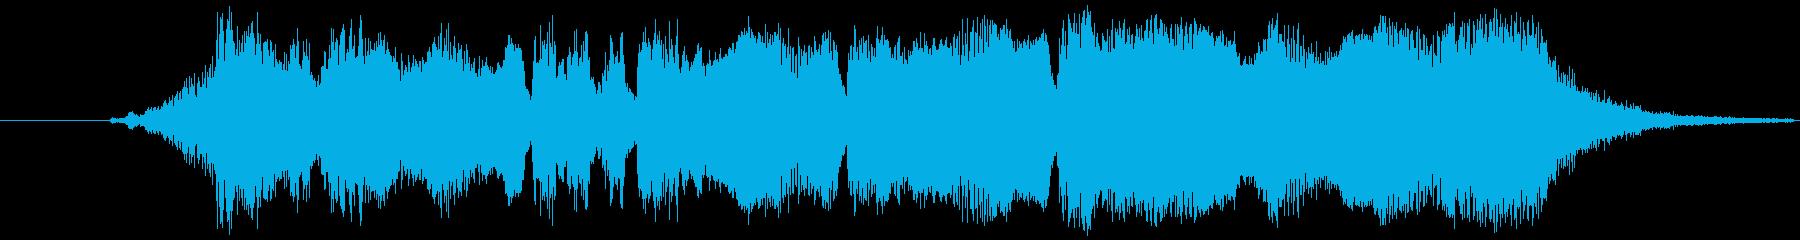 金管楽器による優しいファンファーレの再生済みの波形